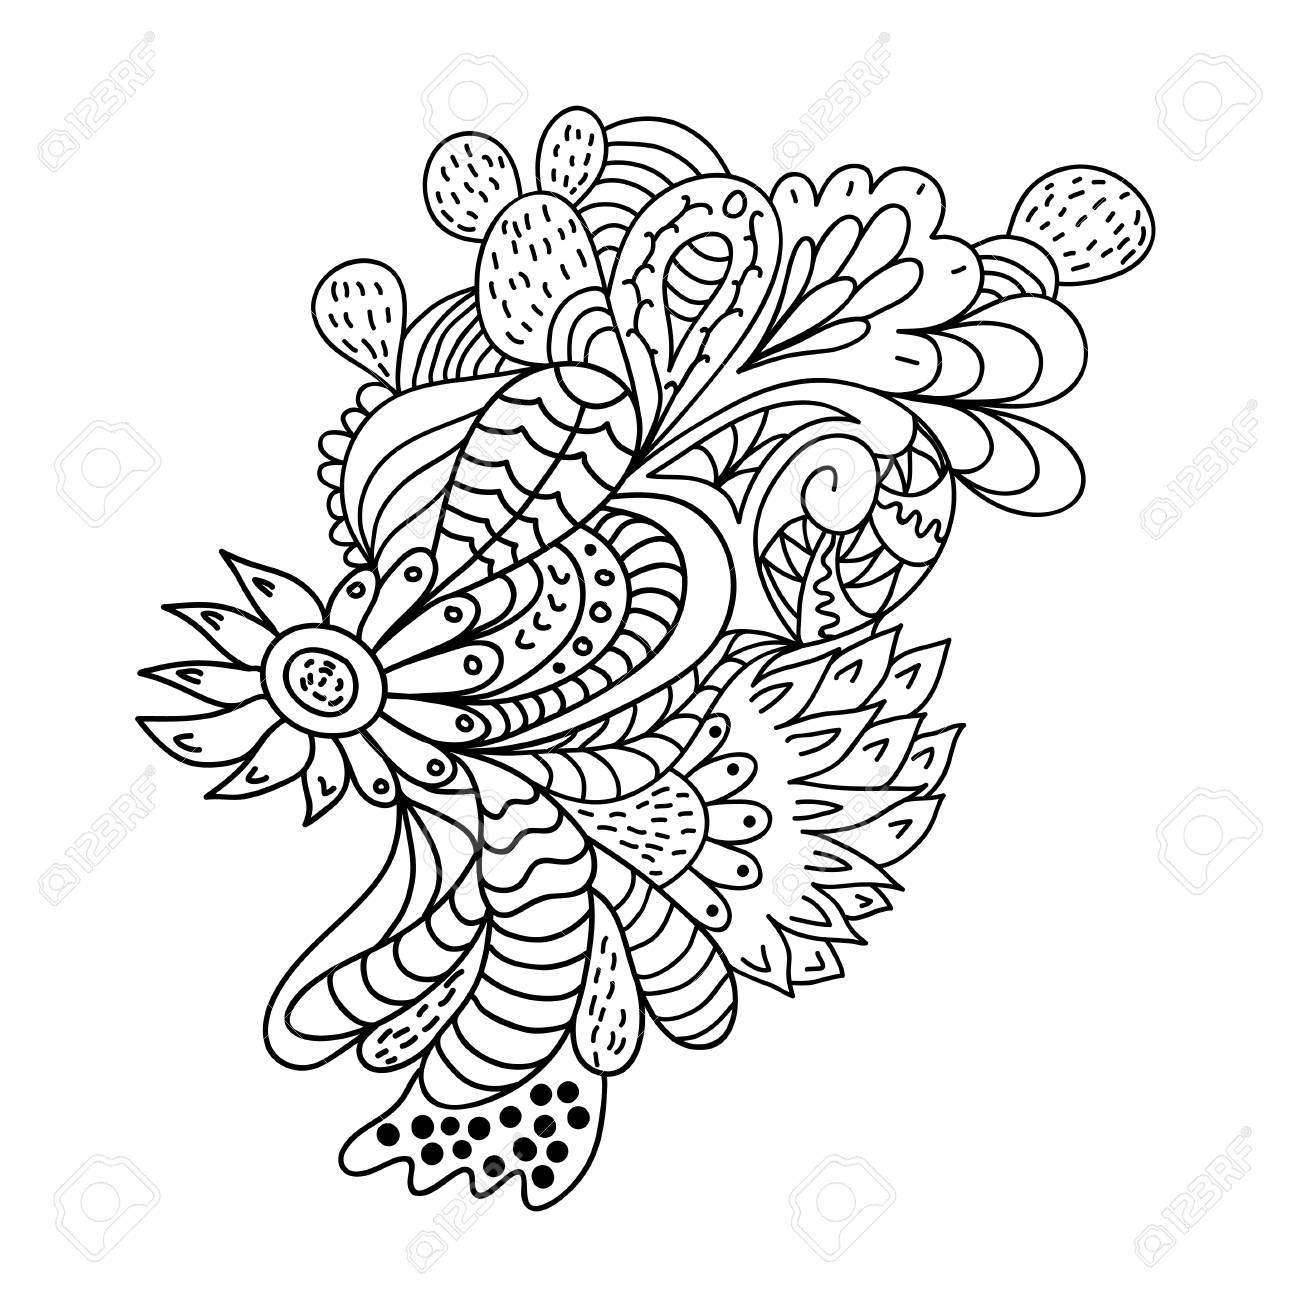 Dibujado A Mano Patron De Flores Zentangle Ilustraciones Vectoriales